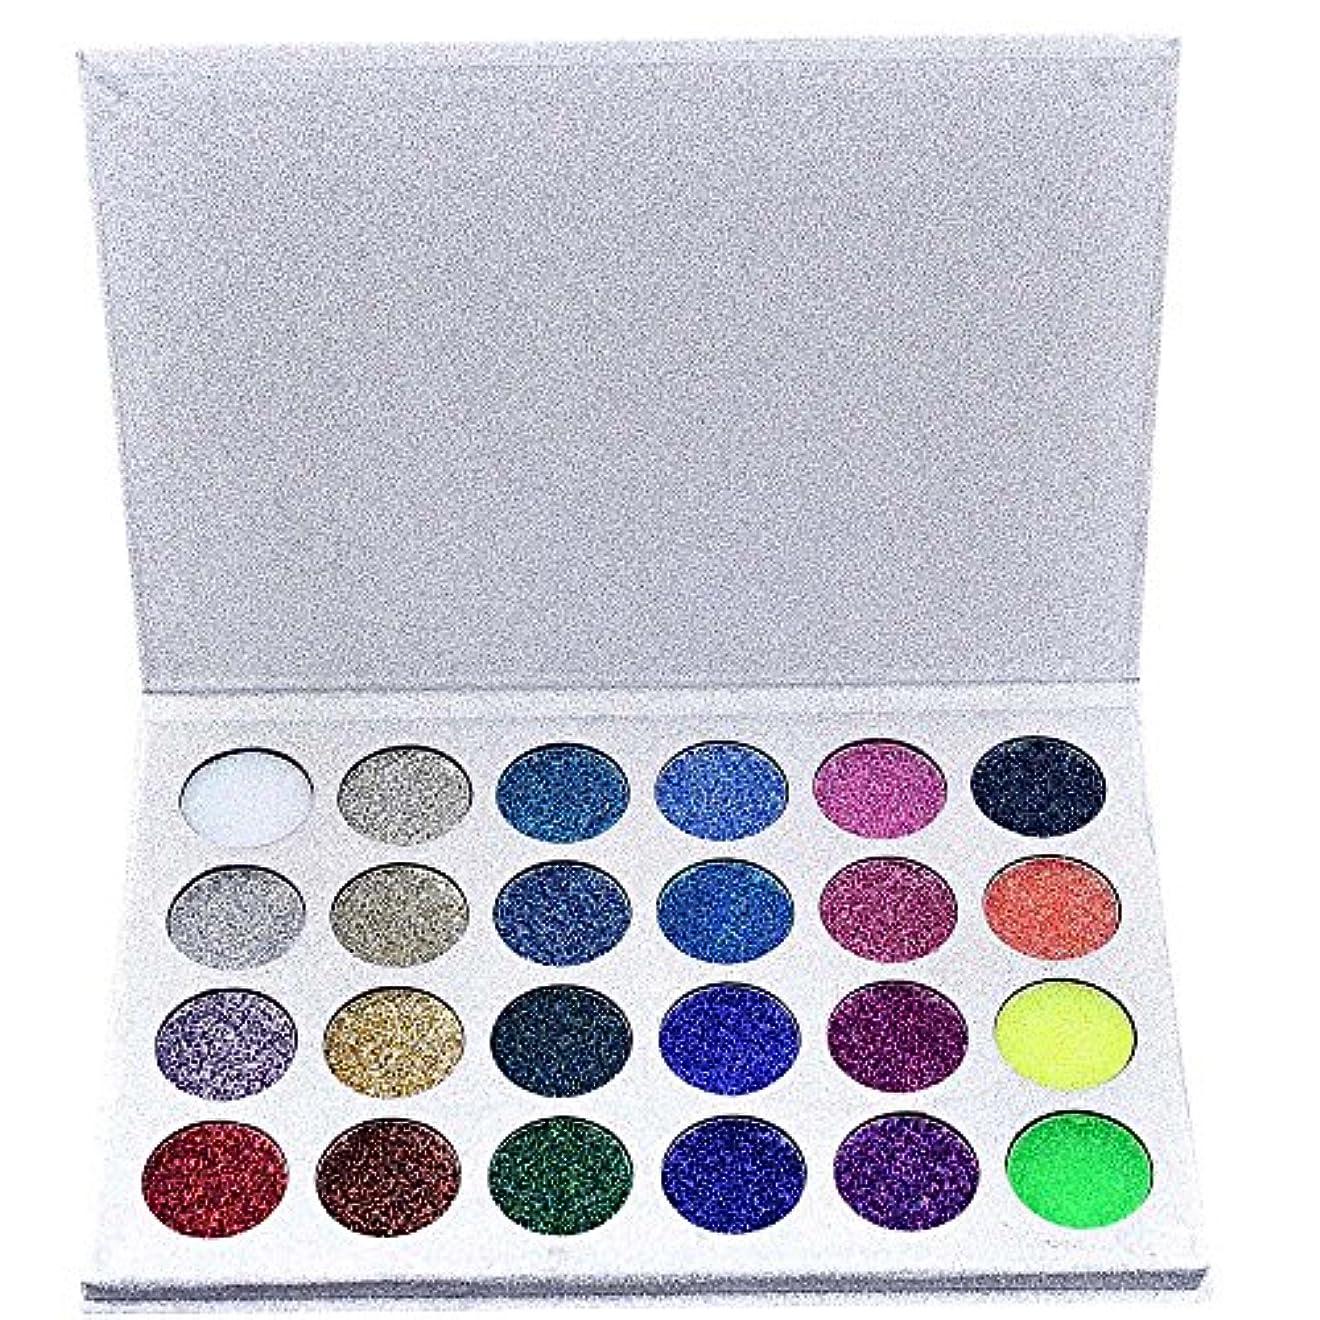 スリップシューズインデックスプーノ24色化粧品パウダーアイシャドーパレットメイクナチュラルシマーマットセット